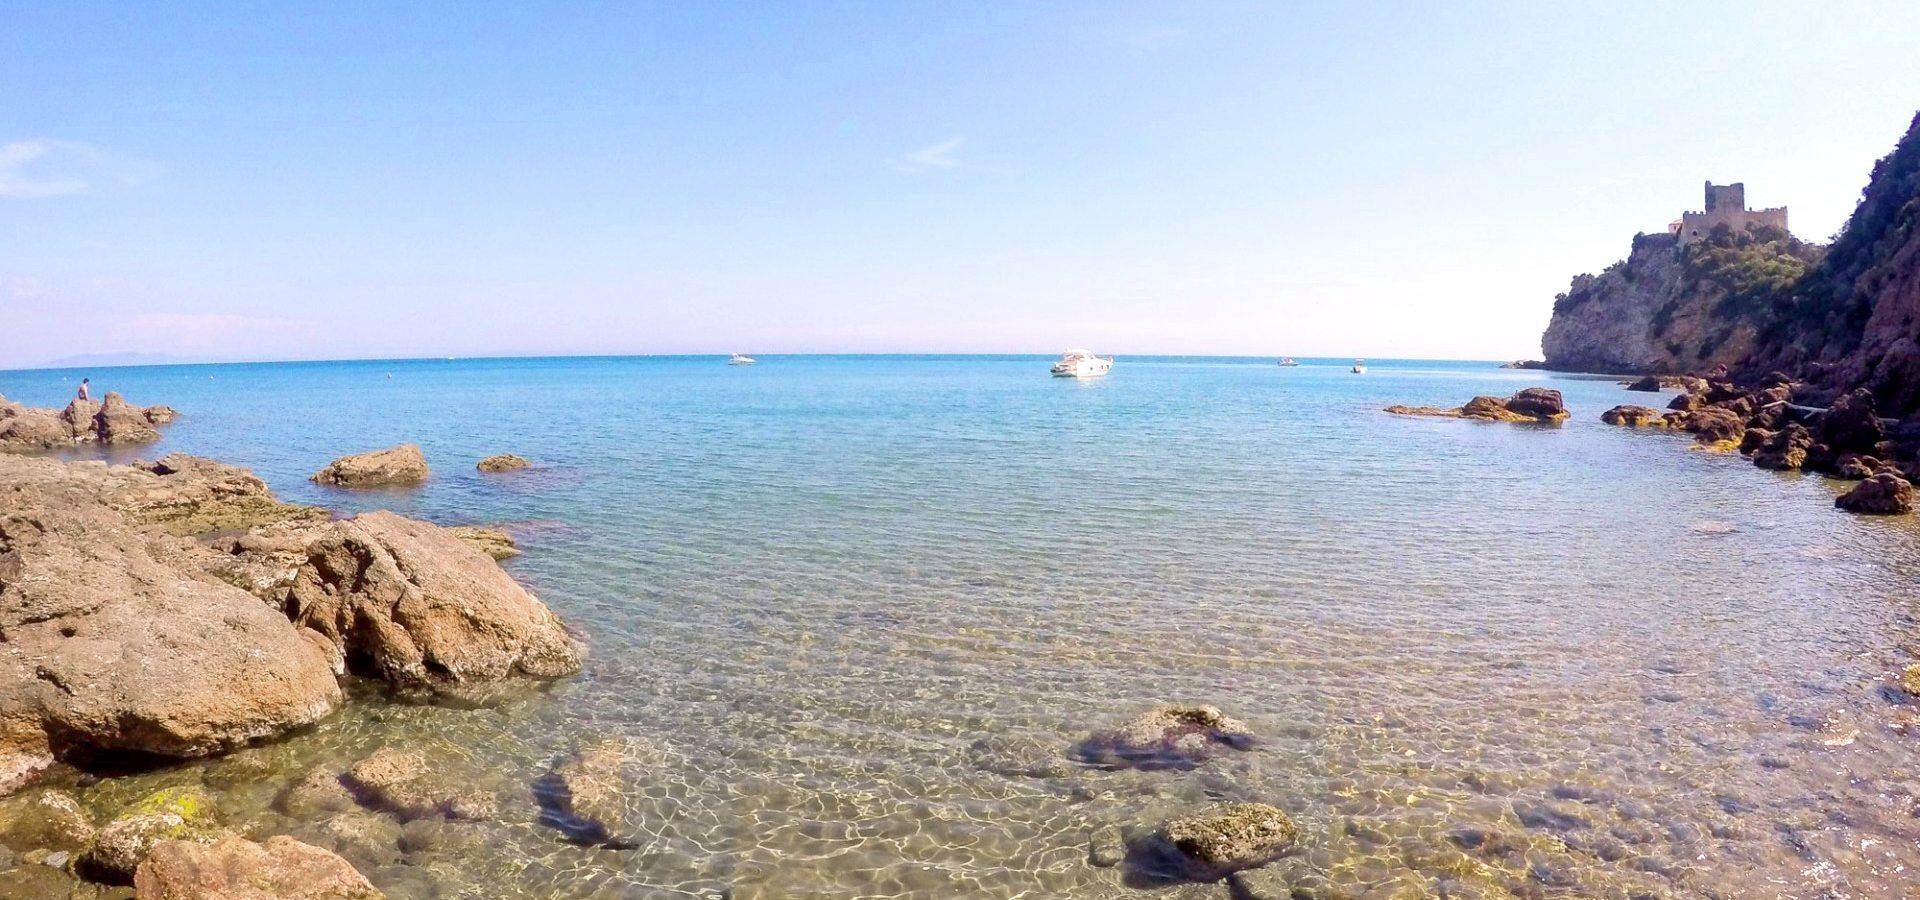 mare di castiglione della pescaia vicino all'agriturismo maremma toscana il maestrale